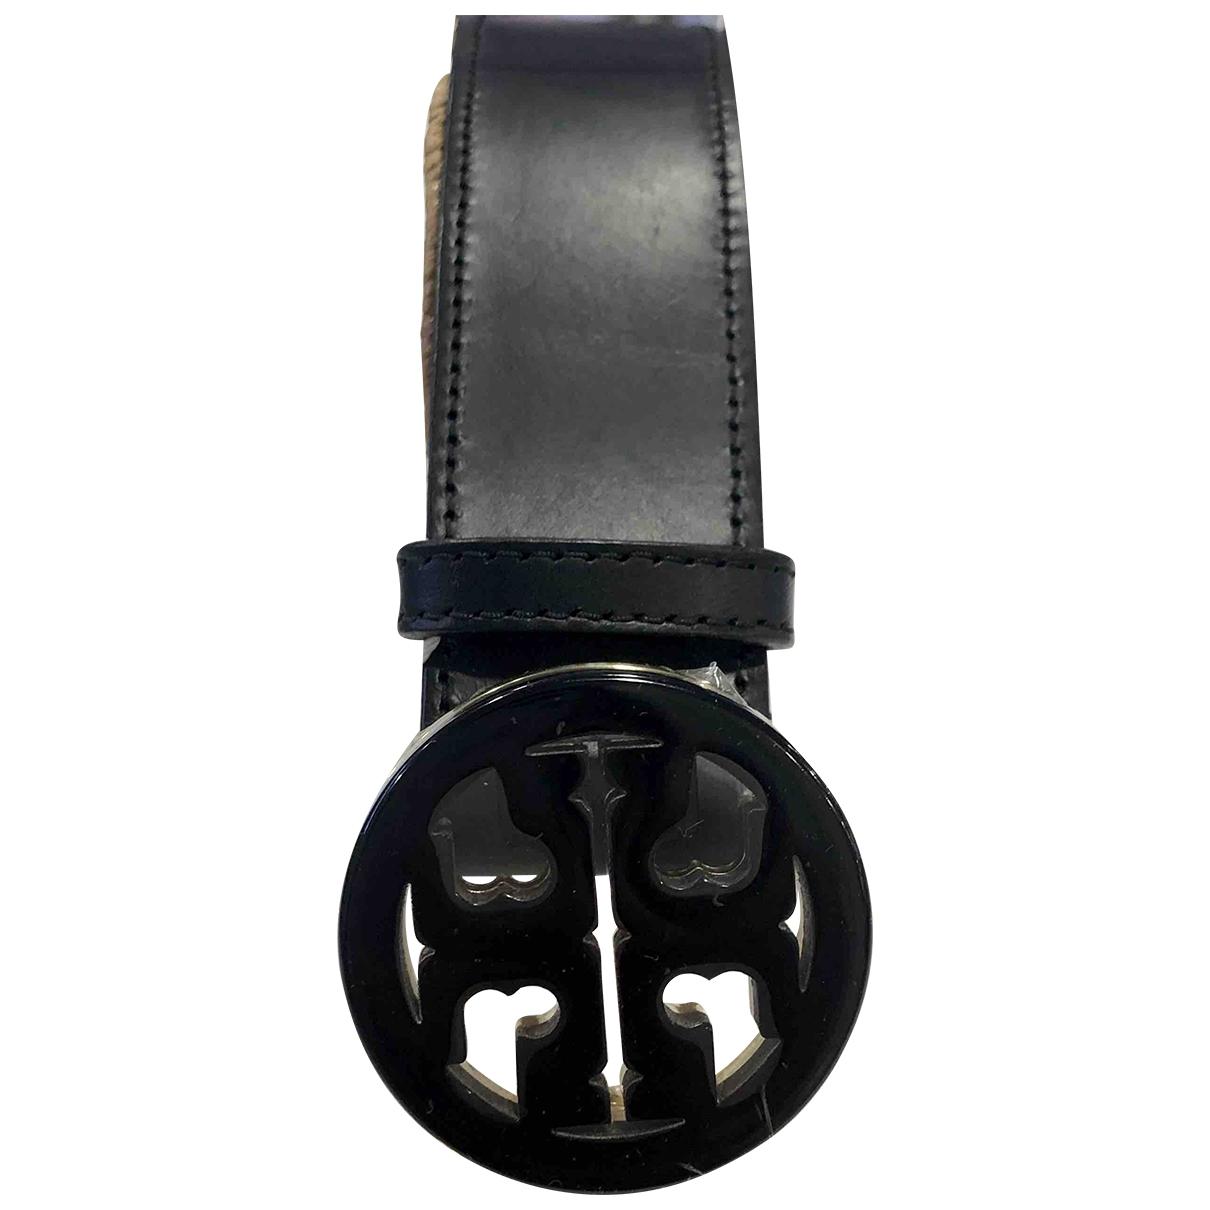 Cinturon de Cuero Tory Burch